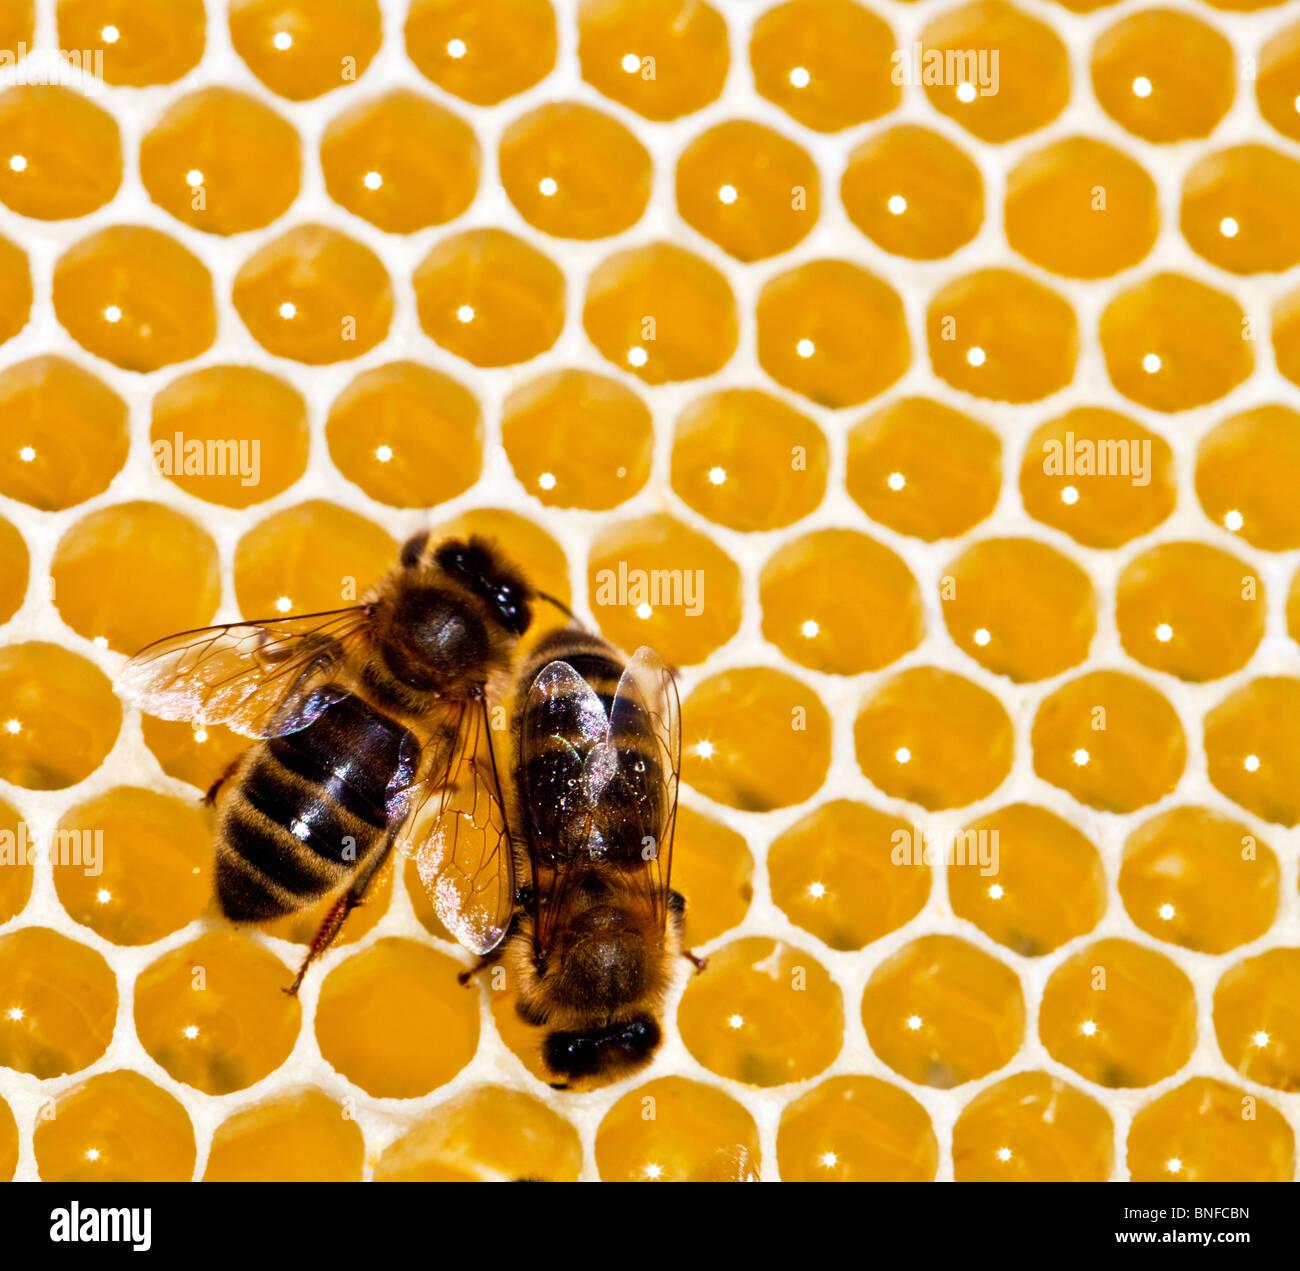 Zwei dunkle englischen Bienen auf einer Wabe Honig machen Stockbild